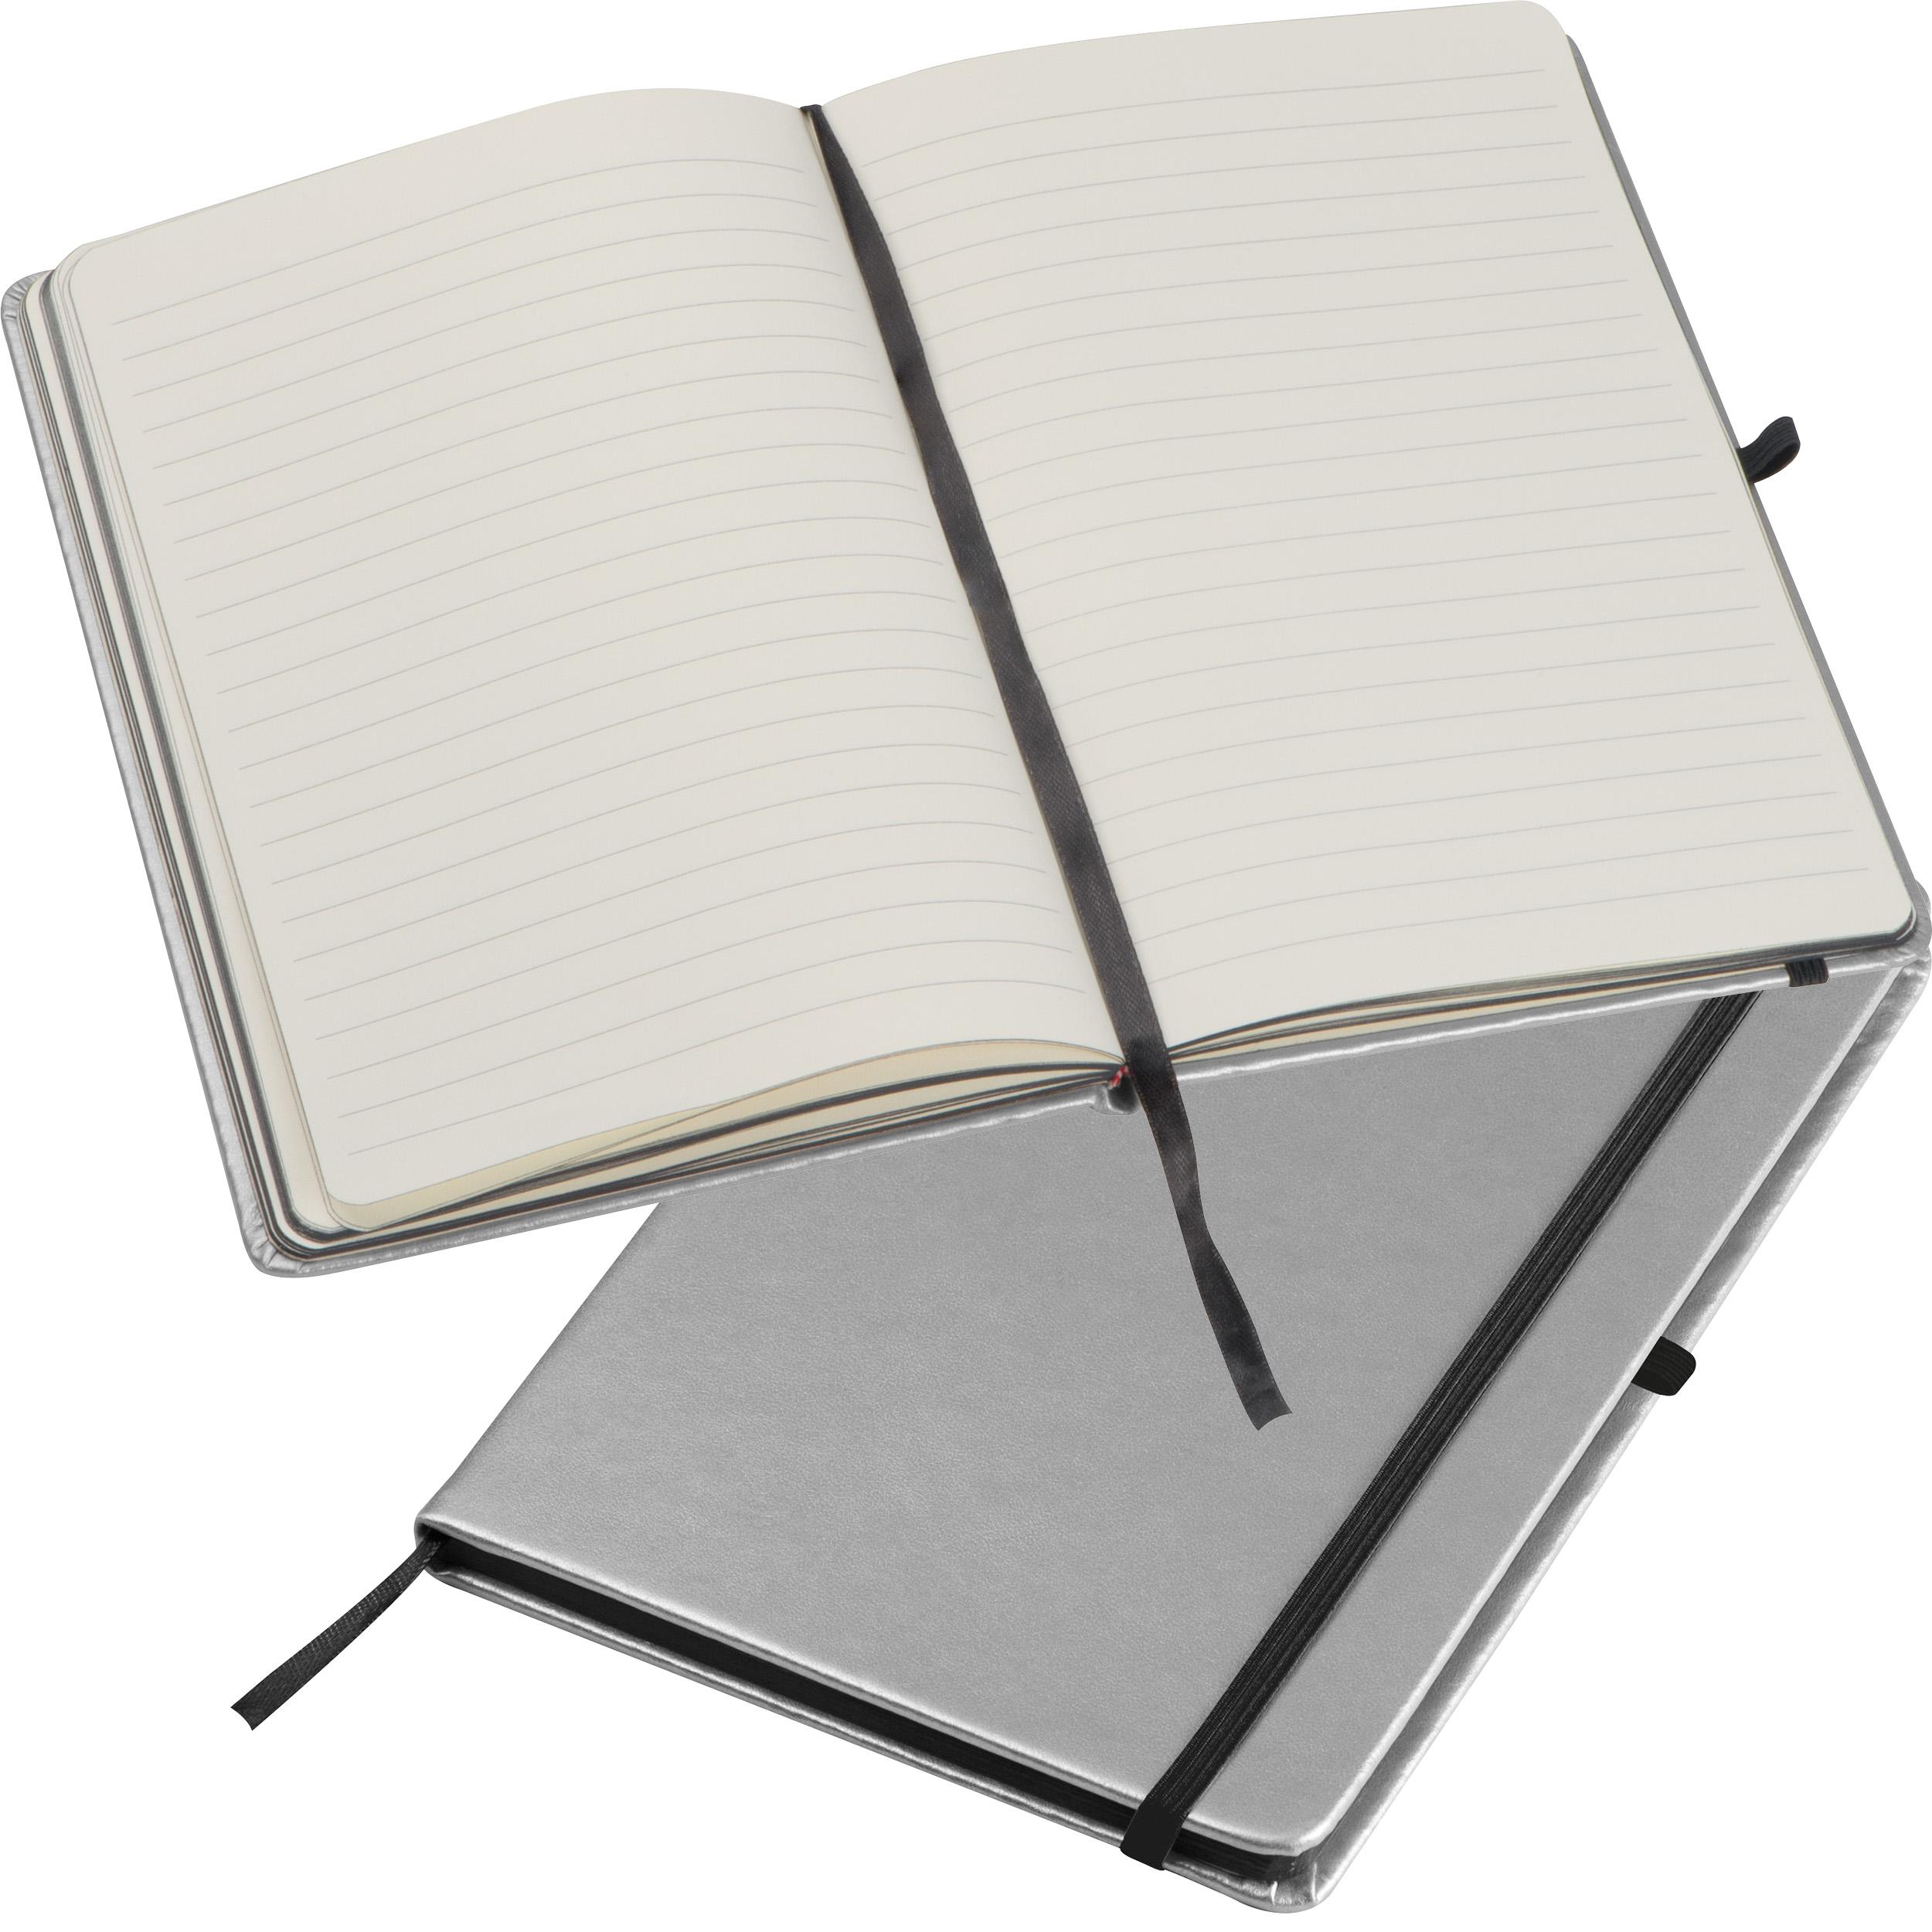 A5 Notizbuch in metallic Farben